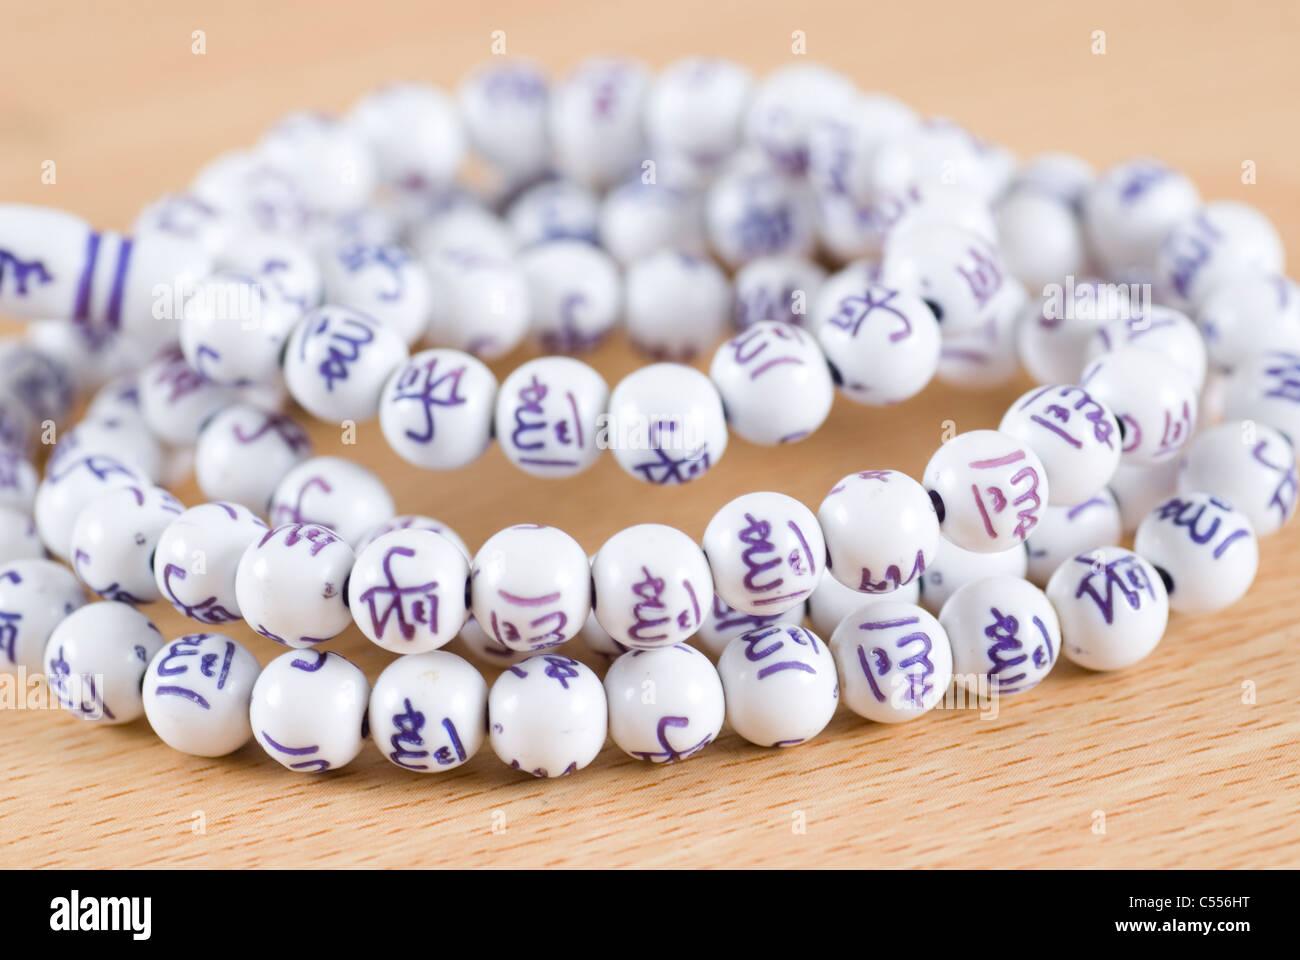 Islamic praying beads tasbih - Stock Image